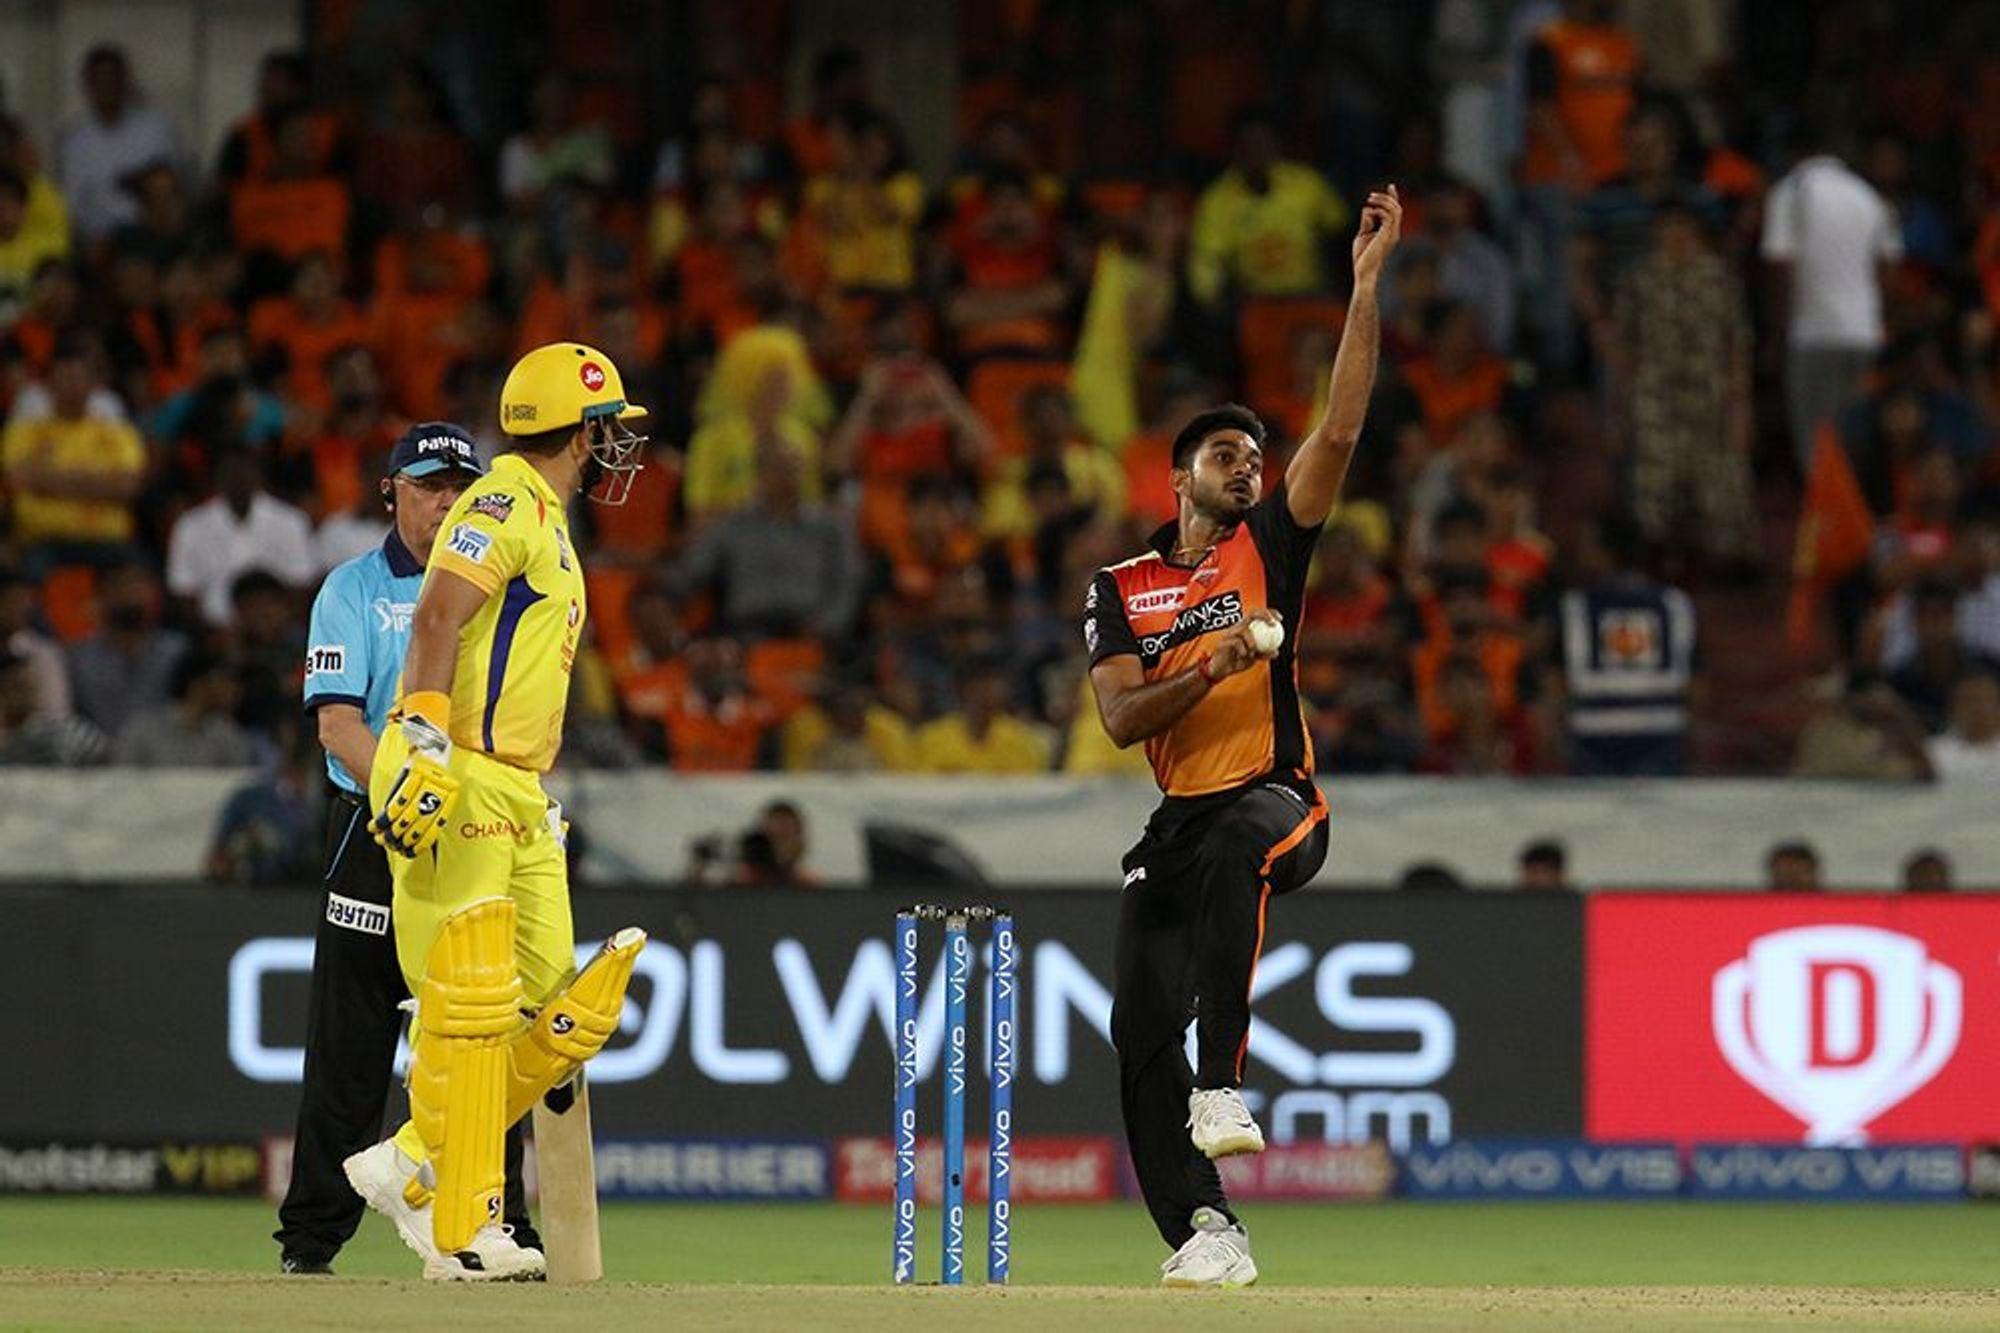 विराट कोहली ने अब खुद बताया क्यों अंबाती रायडू को नजरअंदाज कर विजय शंकर को मिला विश्वकप टीम में जगह 3